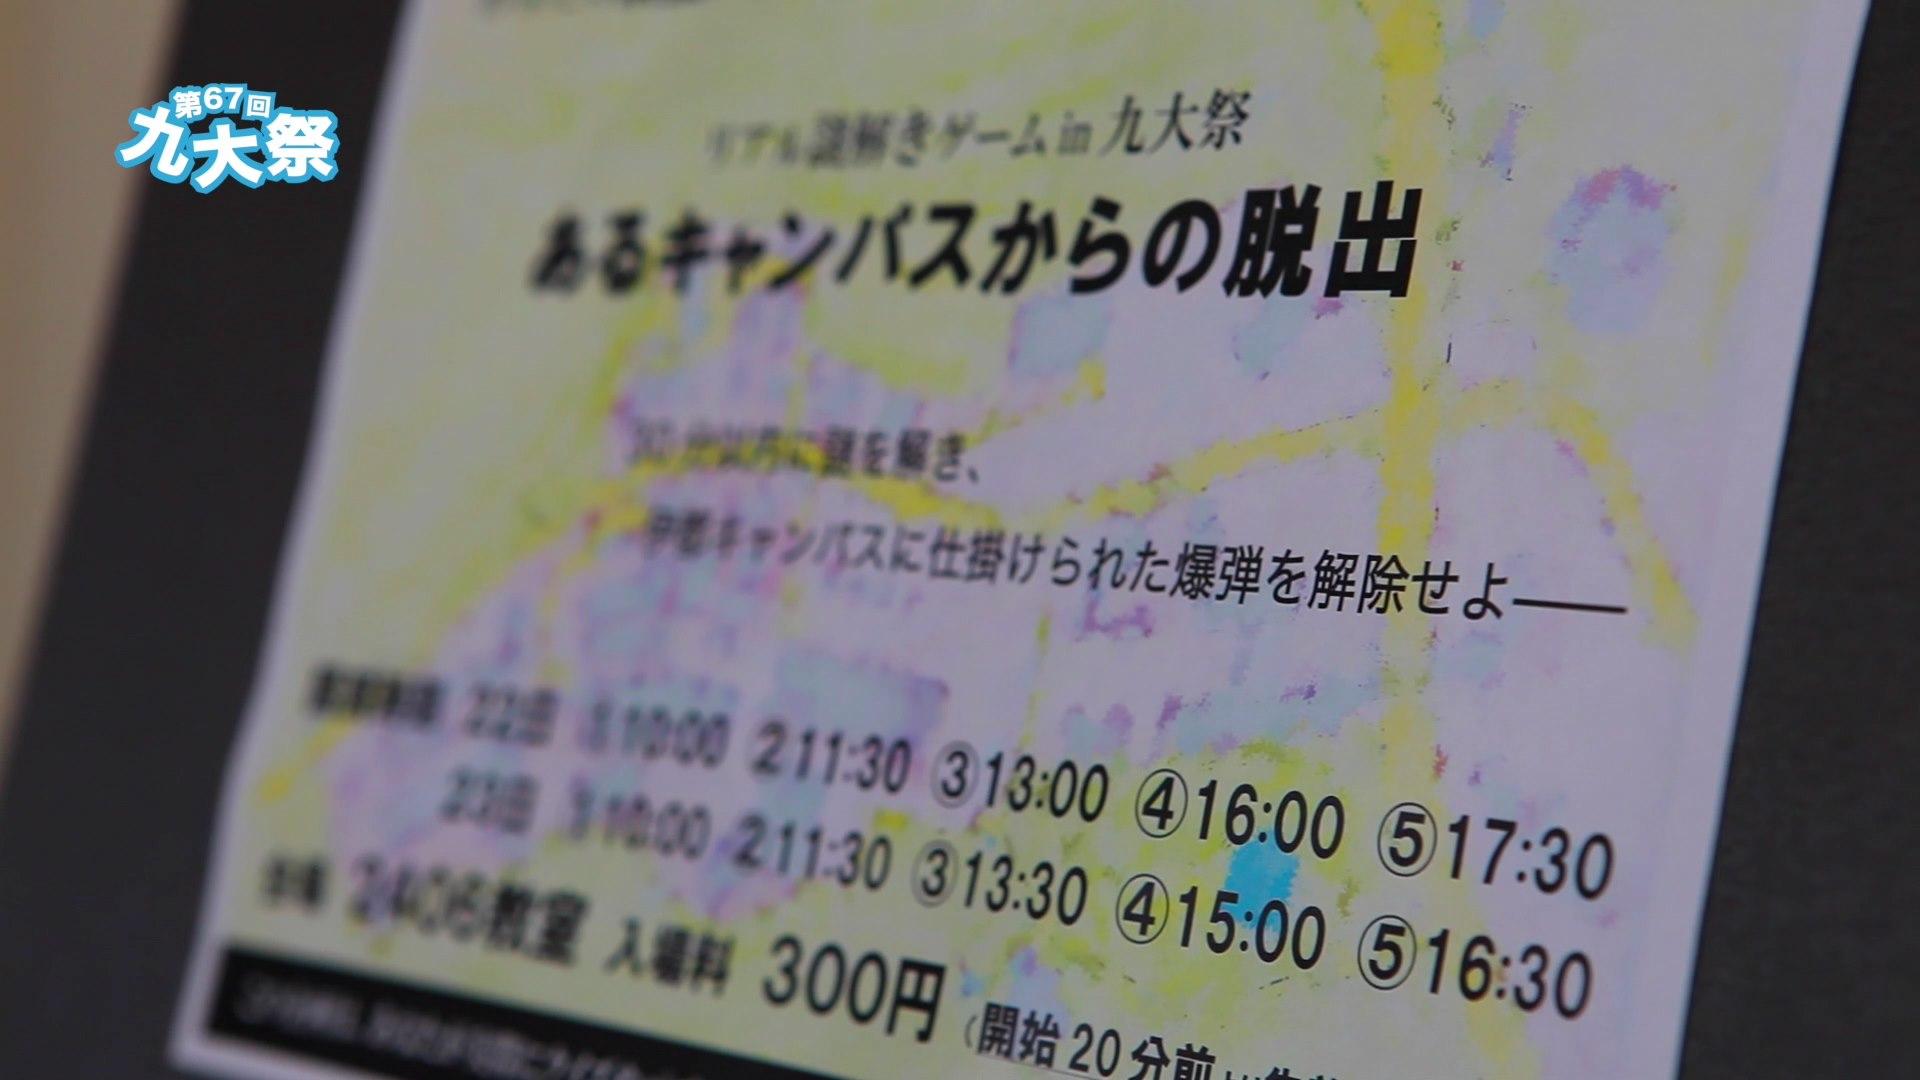 第67回 九州大学学祭.mov_000201240